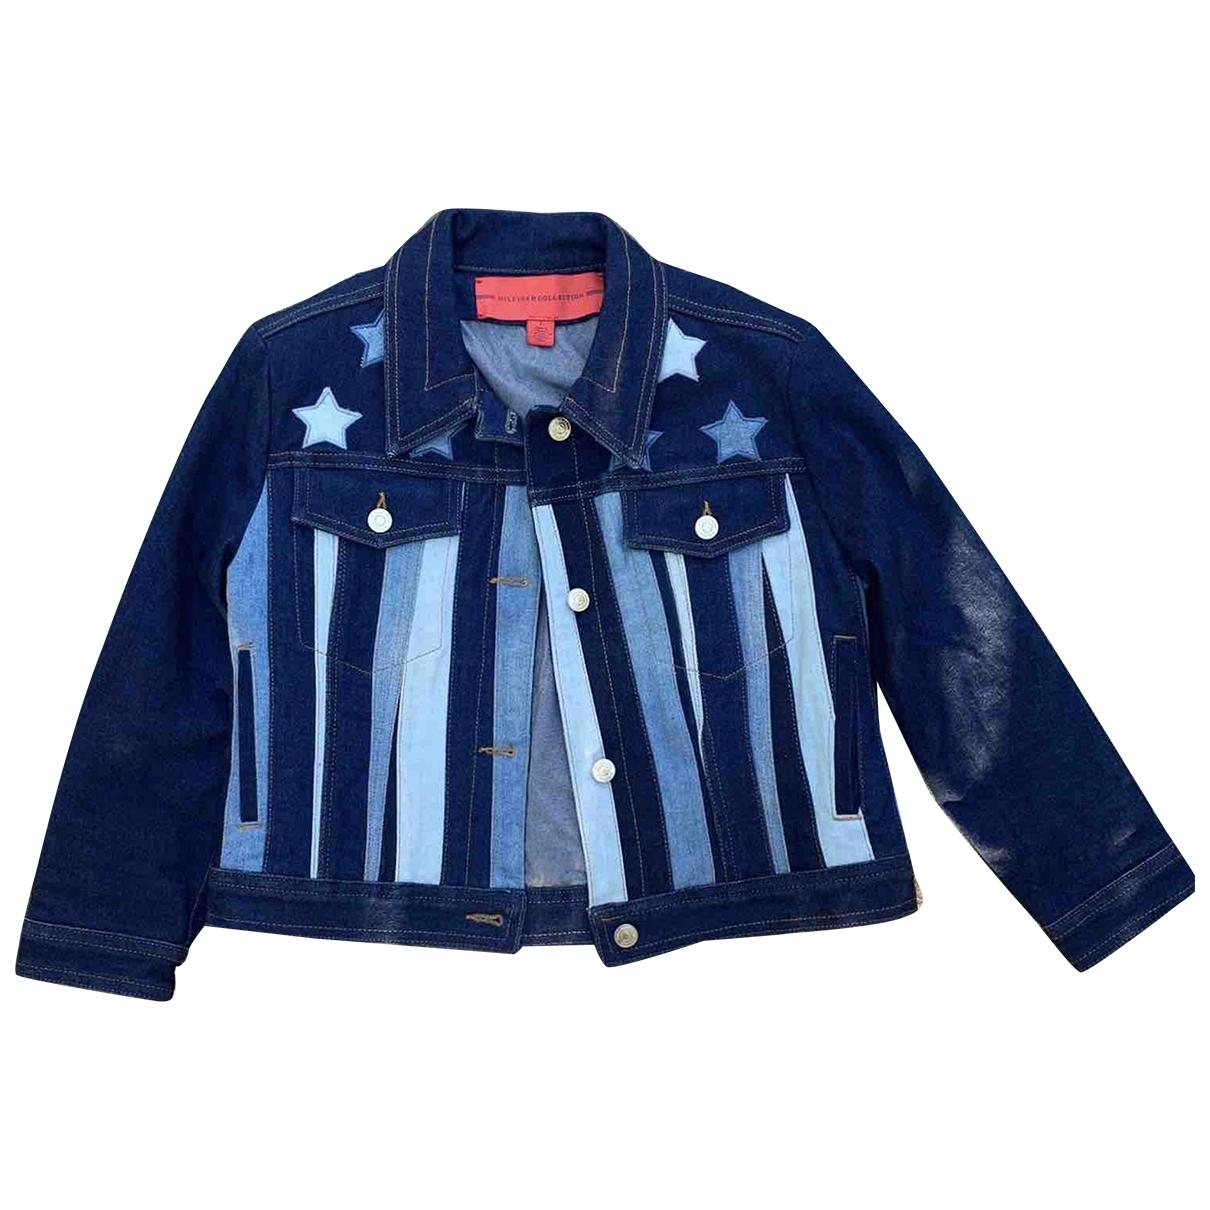 Hilfiger Collection \N Blue Denim - Jeans jacket for Women 2 US